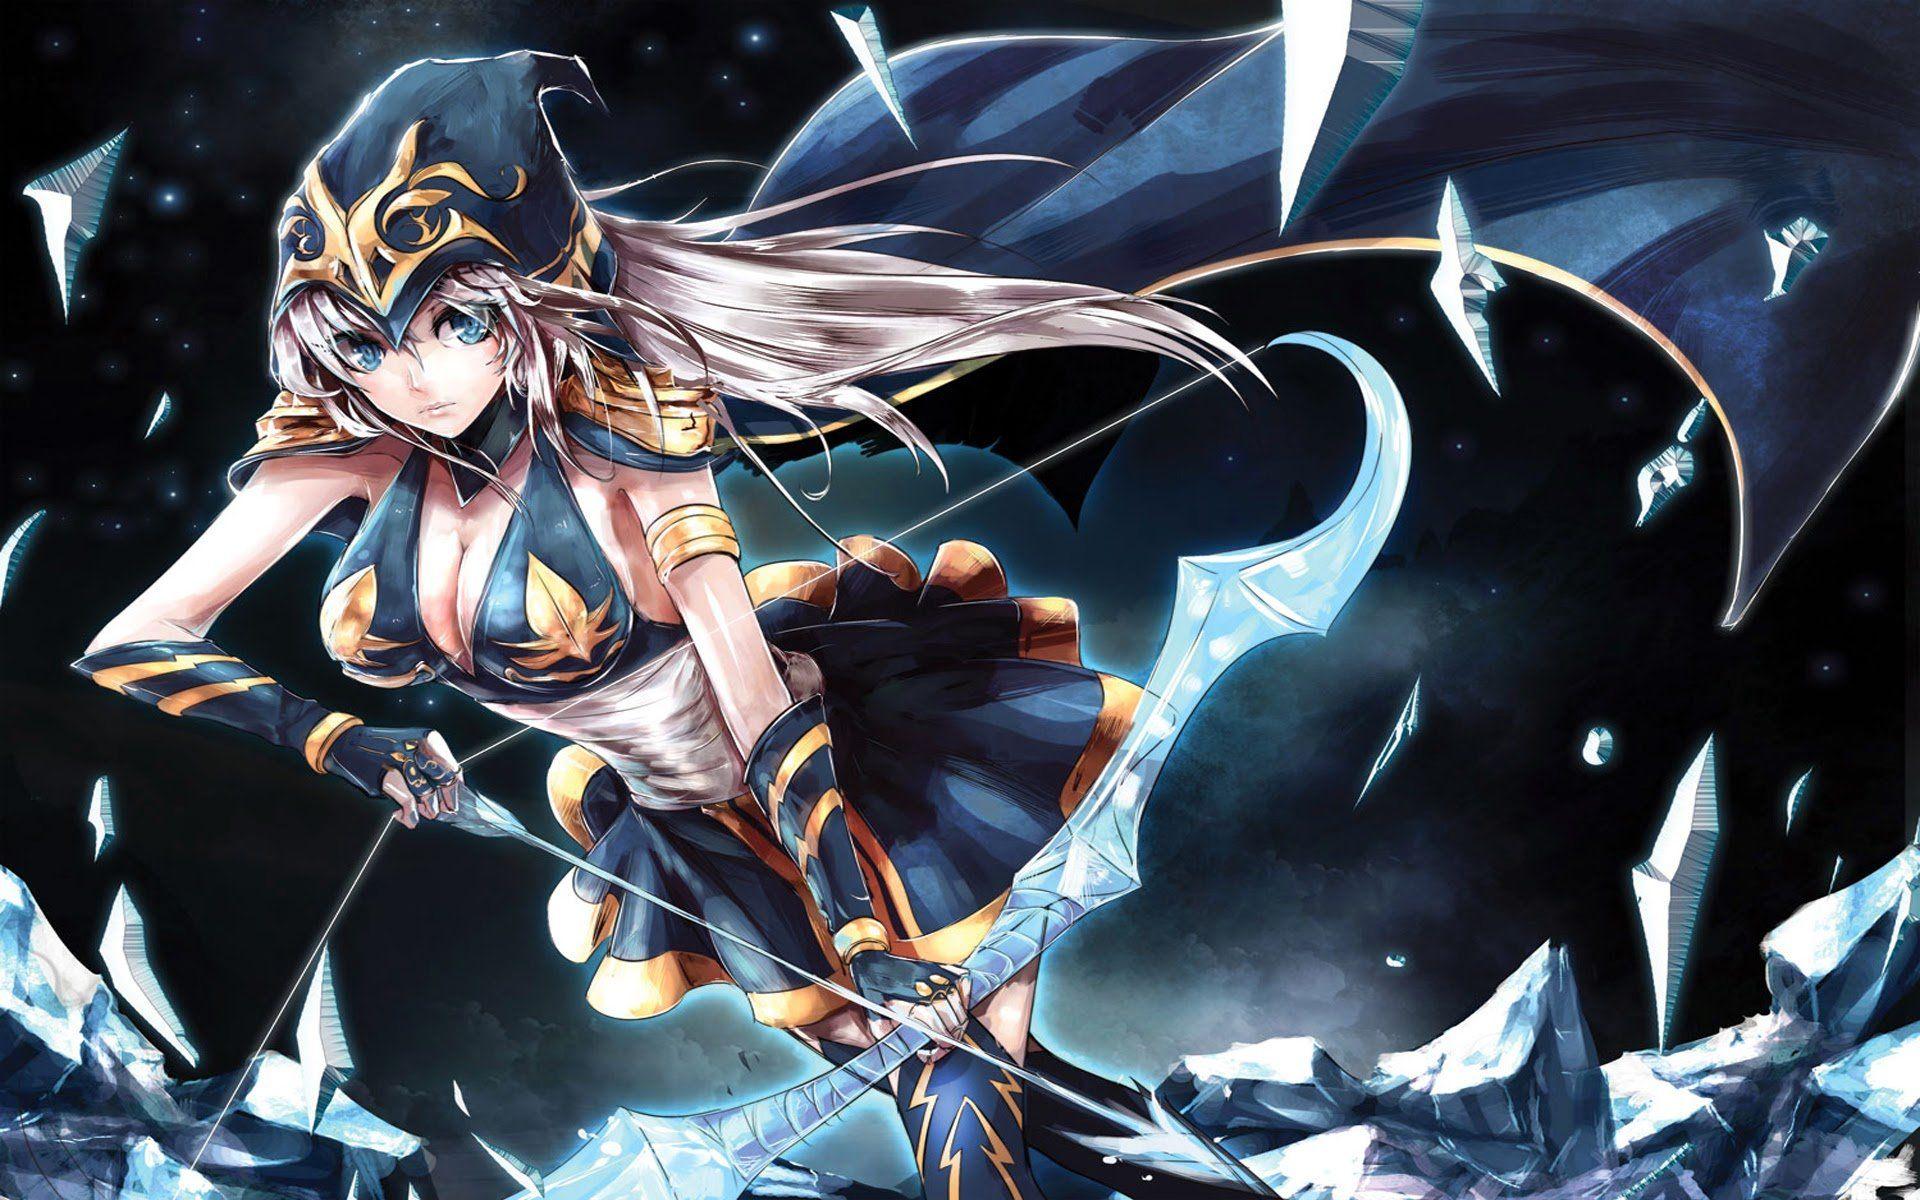 League Of Legends Hd Wallpapers Pixelstalk Net